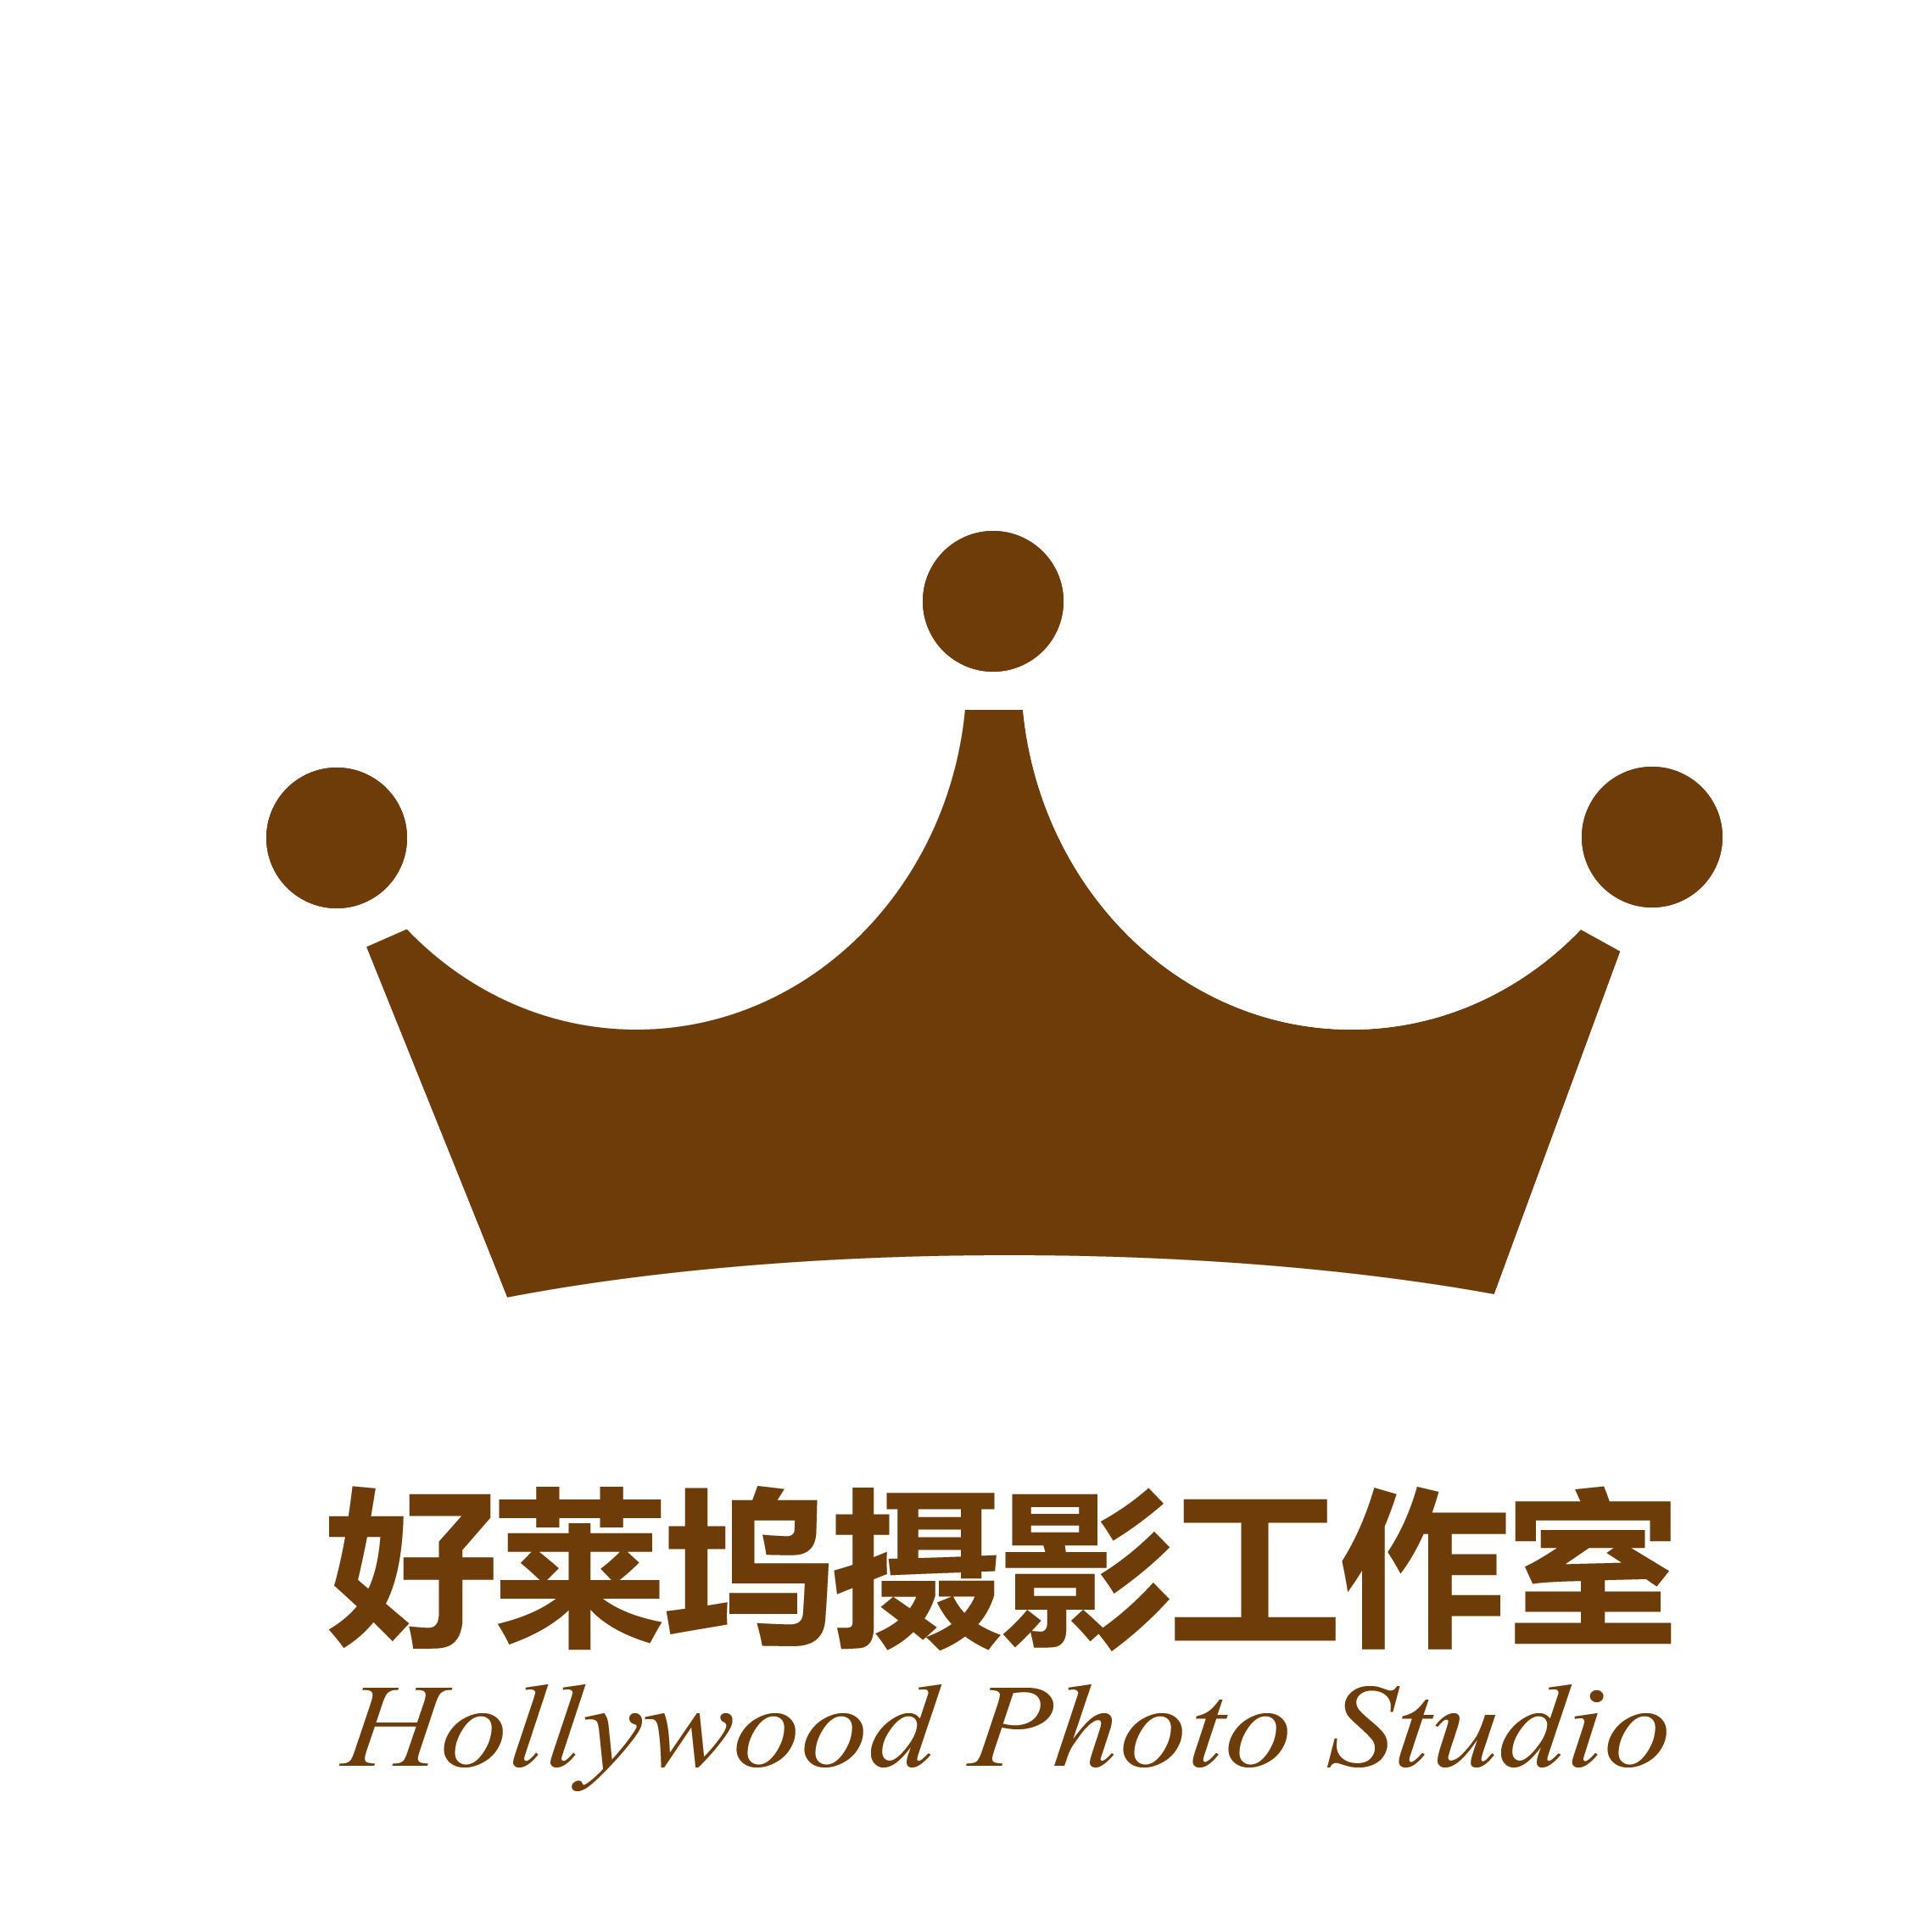 好莱坞摄影工作室